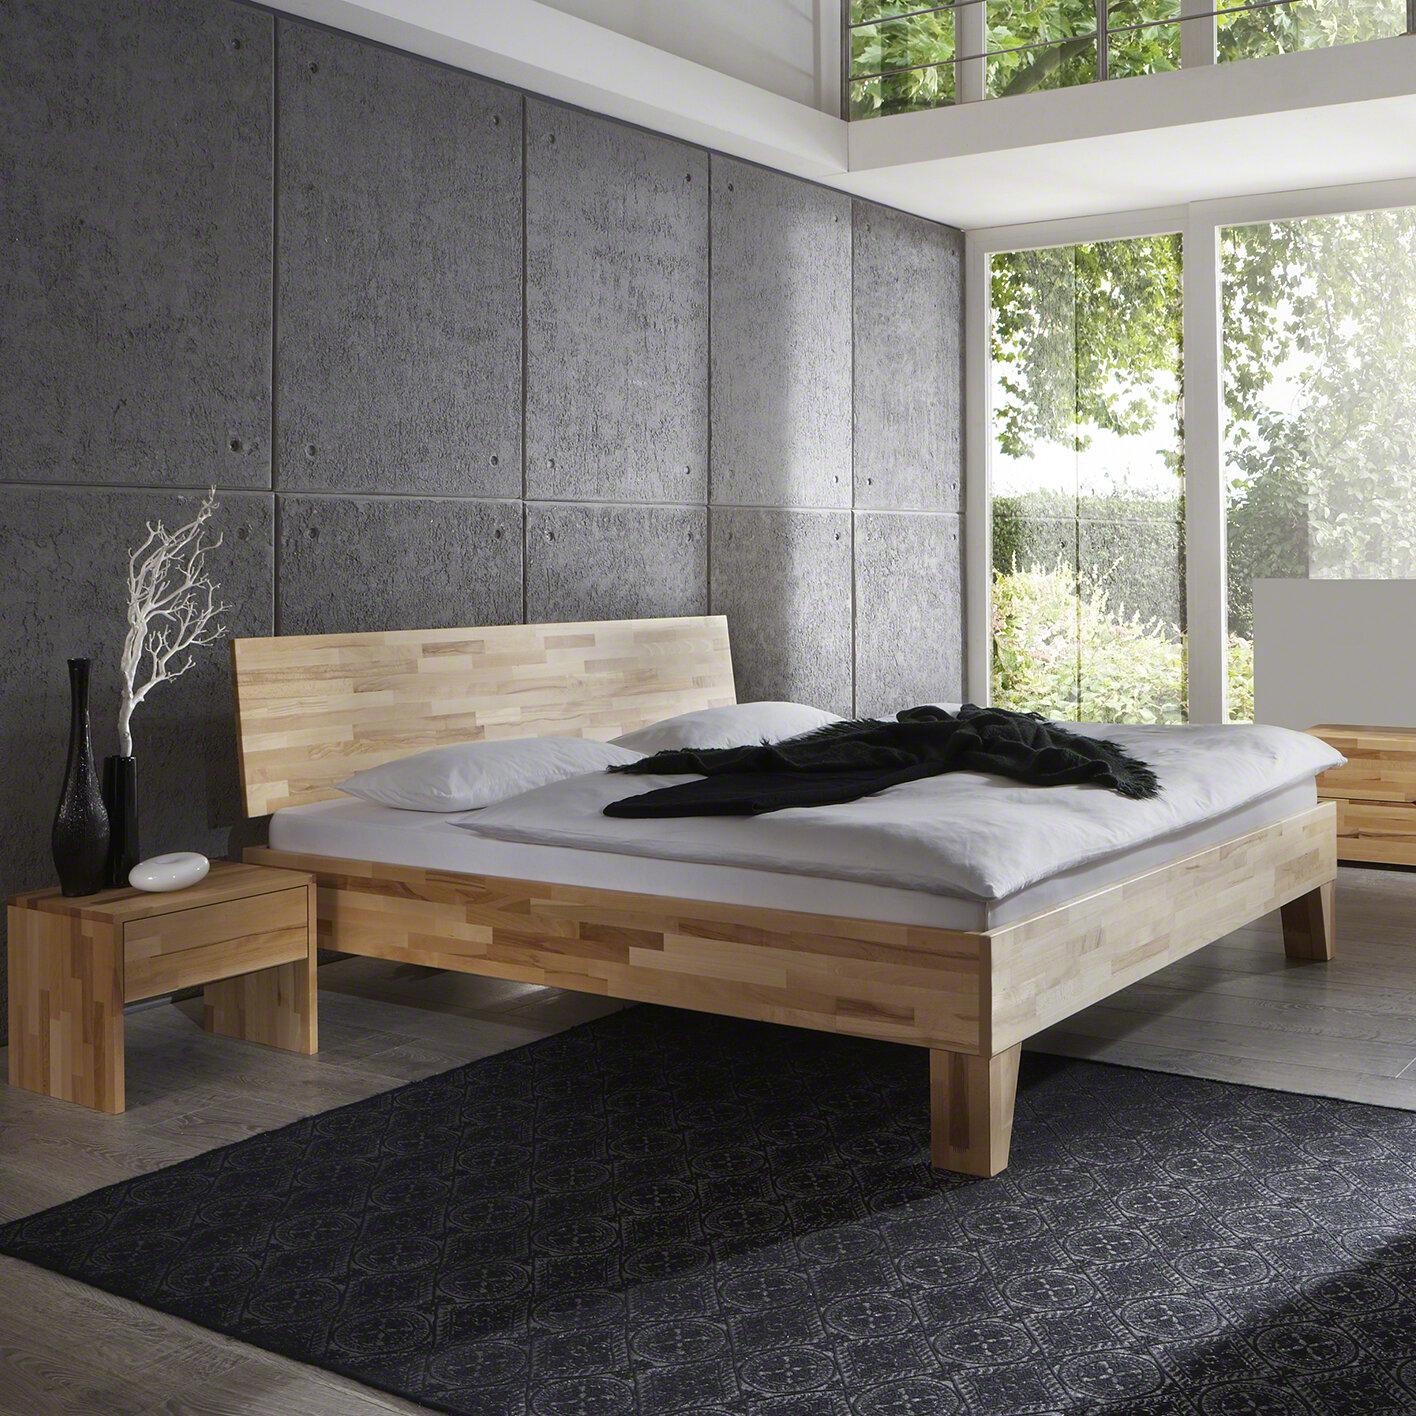 Full Size of Komplettbett 180x220 Gracie Oaks Massivholzbett Obi Wayfairde Bett Wohnzimmer Komplettbett 180x220